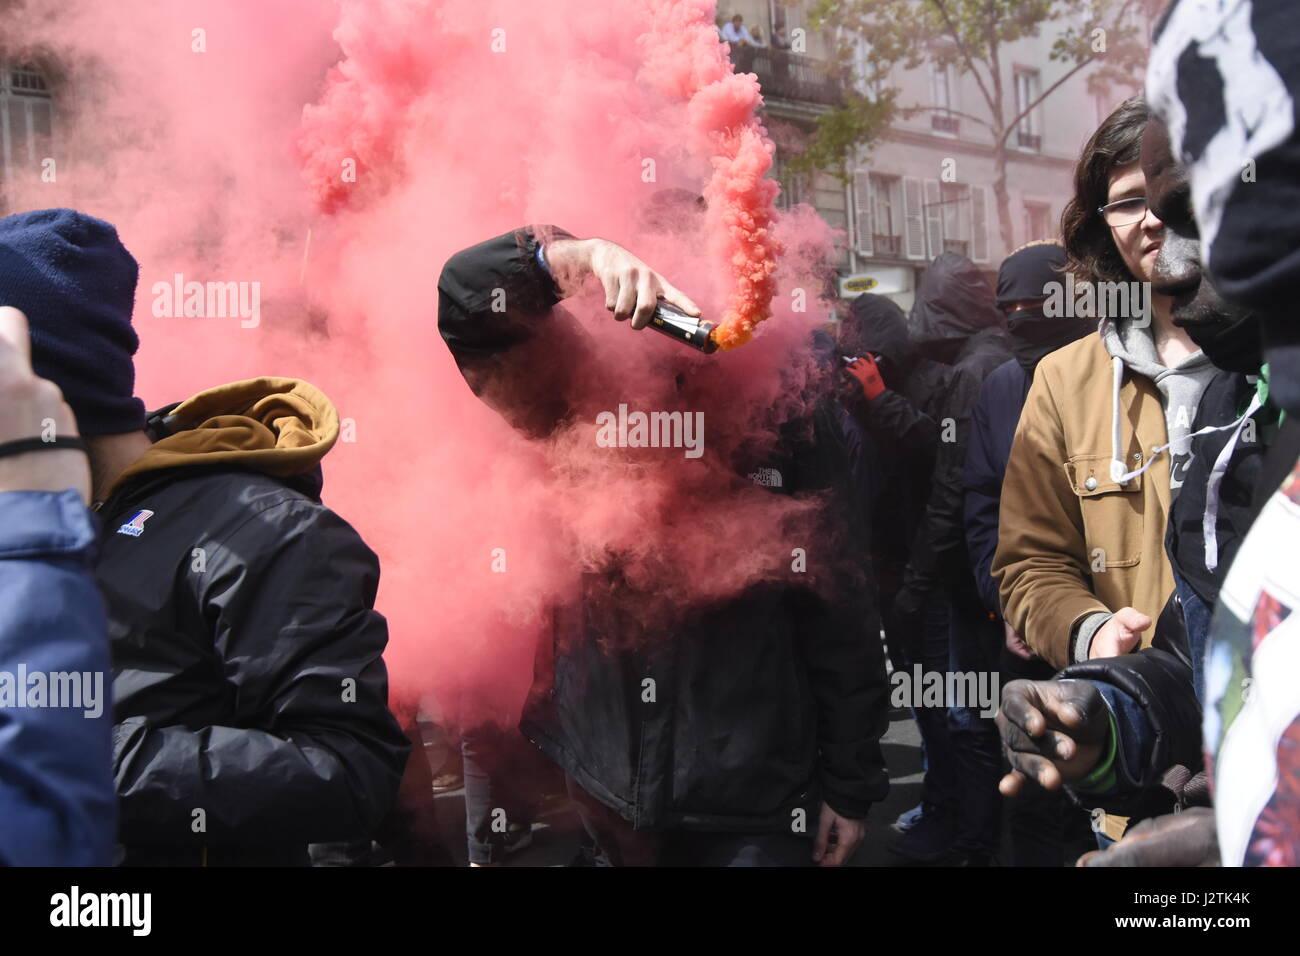 Parigi, Francia. Il 1 maggio, 2017. manifestazione a Parigi per protestare contro la presenza di marine le pen e Immagini Stock